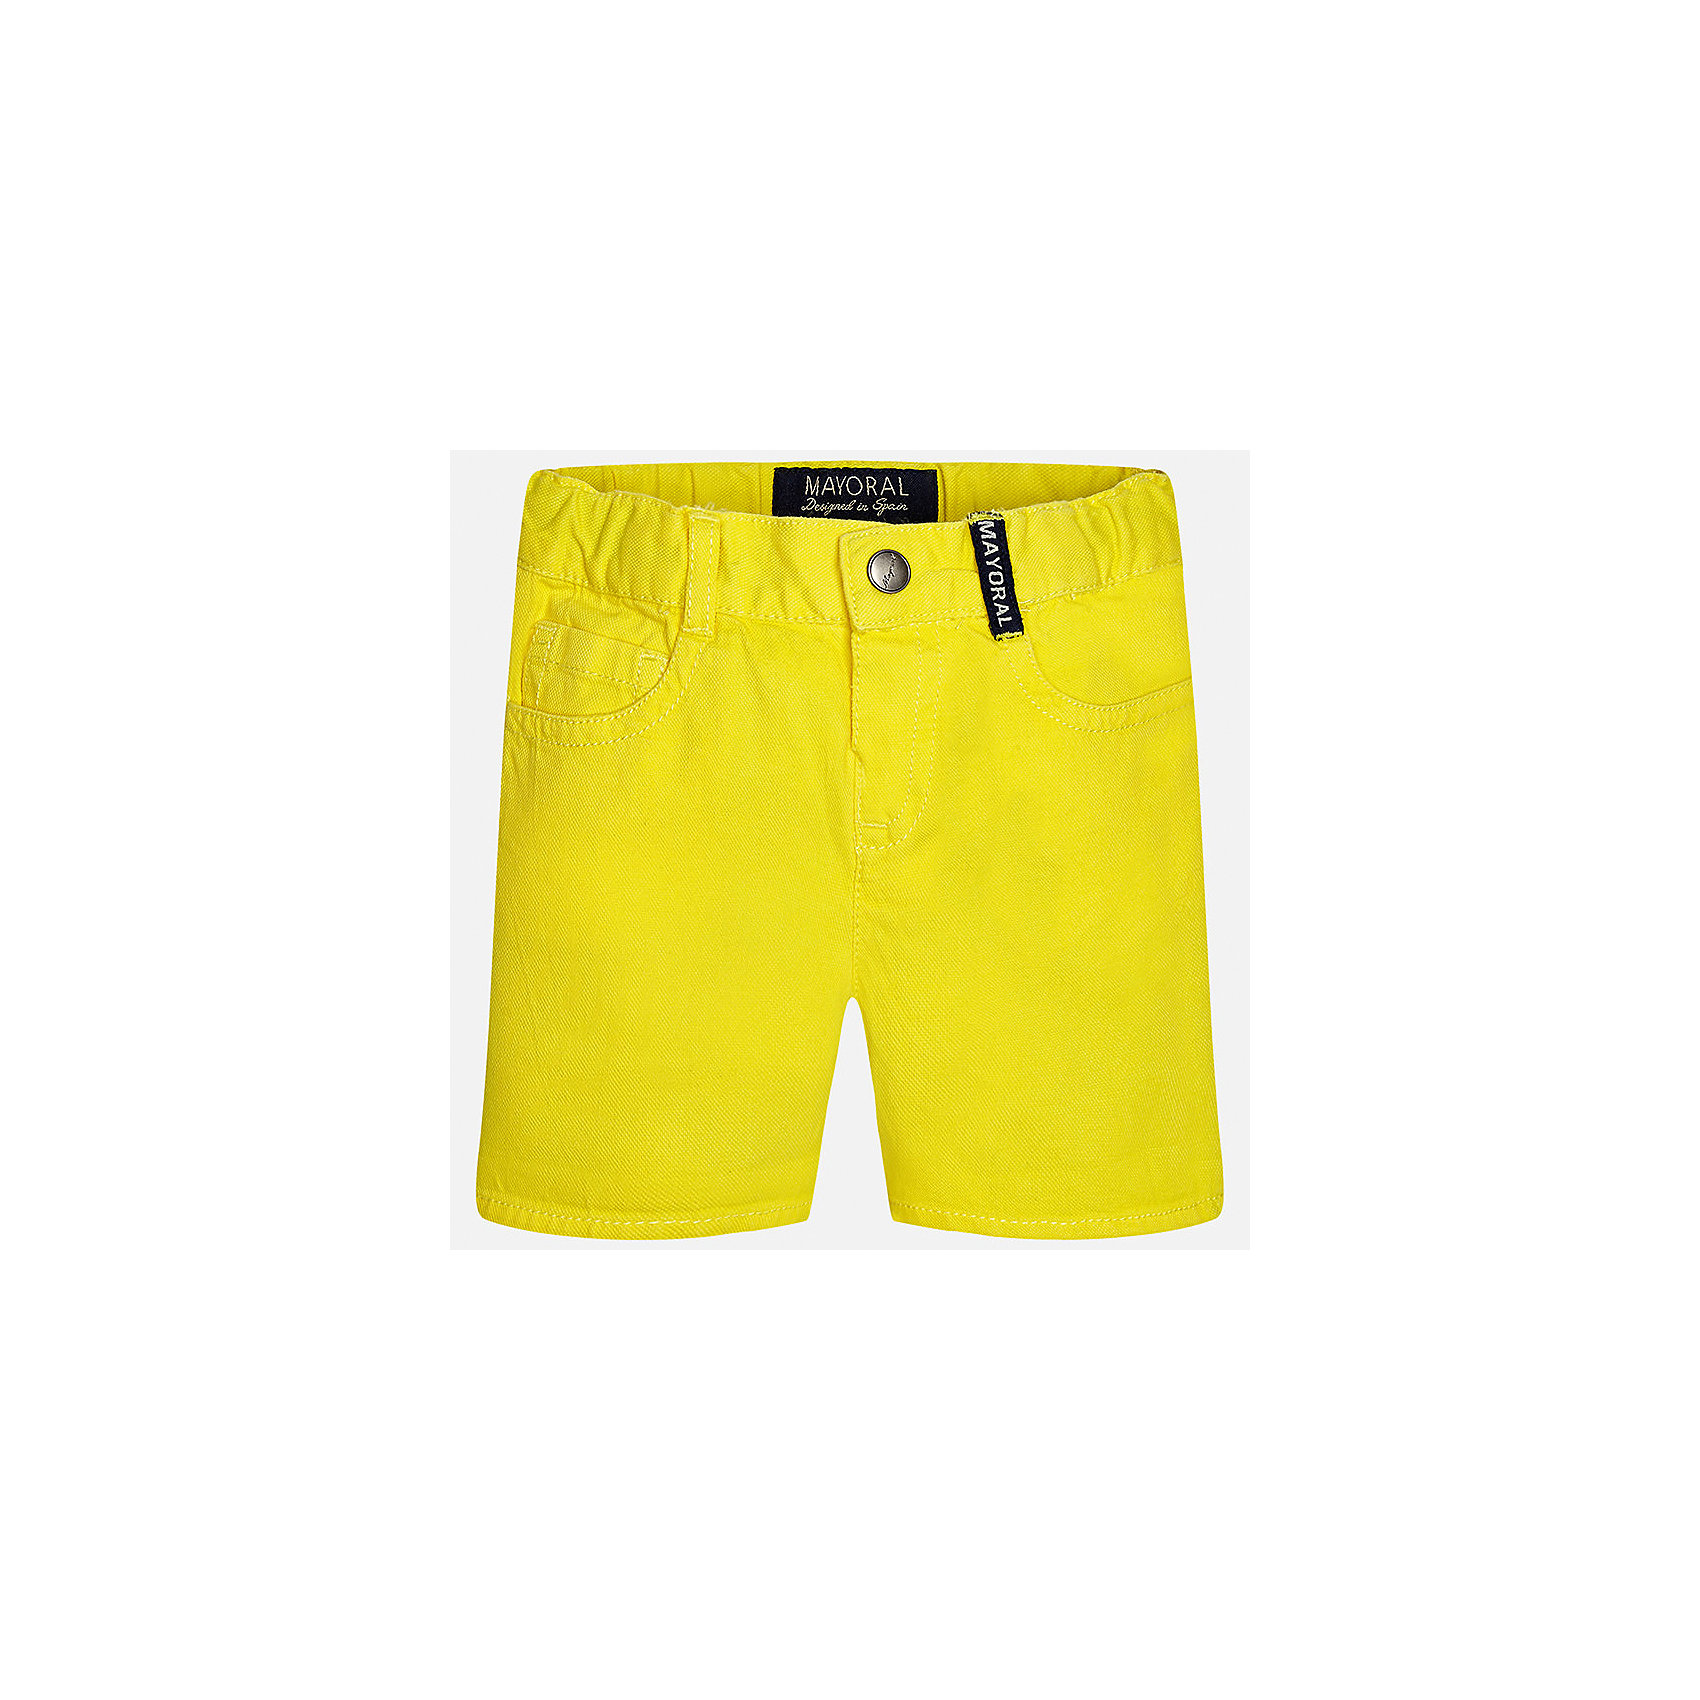 Бриджи для мальчика MayoralШорты и бриджи<br>Характеристики товара:<br><br>• цвет: жёлтый<br>• состав: 100% хлопок<br>• шлевки<br>• карманы<br>• пояс с регулировкой объема<br>• нашивка с логотипом<br>• страна бренда: Испания<br><br>Модные бриджи для мальчика смогут стать базовой вещью в гардеробе ребенка. Они отлично сочетаются с майками, футболками, рубашками и т.д. Универсальный крой и цвет позволяет подобрать к вещи верх разных расцветок. Практичное и стильное изделие! В составе материала - только натуральный хлопок, гипоаллергенный, приятный на ощупь, дышащий.<br><br>Одежда, обувь и аксессуары от испанского бренда Mayoral полюбились детям и взрослым по всему миру. Модели этой марки - стильные и удобные. Для их производства используются только безопасные, качественные материалы и фурнитура. Порадуйте ребенка модными и красивыми вещами от Mayoral! <br><br>Бриджи для мальчика от испанского бренда Mayoral (Майорал) можно купить в нашем интернет-магазине.<br><br>Ширина мм: 191<br>Глубина мм: 10<br>Высота мм: 175<br>Вес г: 273<br>Цвет: желтый<br>Возраст от месяцев: 6<br>Возраст до месяцев: 9<br>Пол: Мужской<br>Возраст: Детский<br>Размер: 74,92,86,80<br>SKU: 5279490